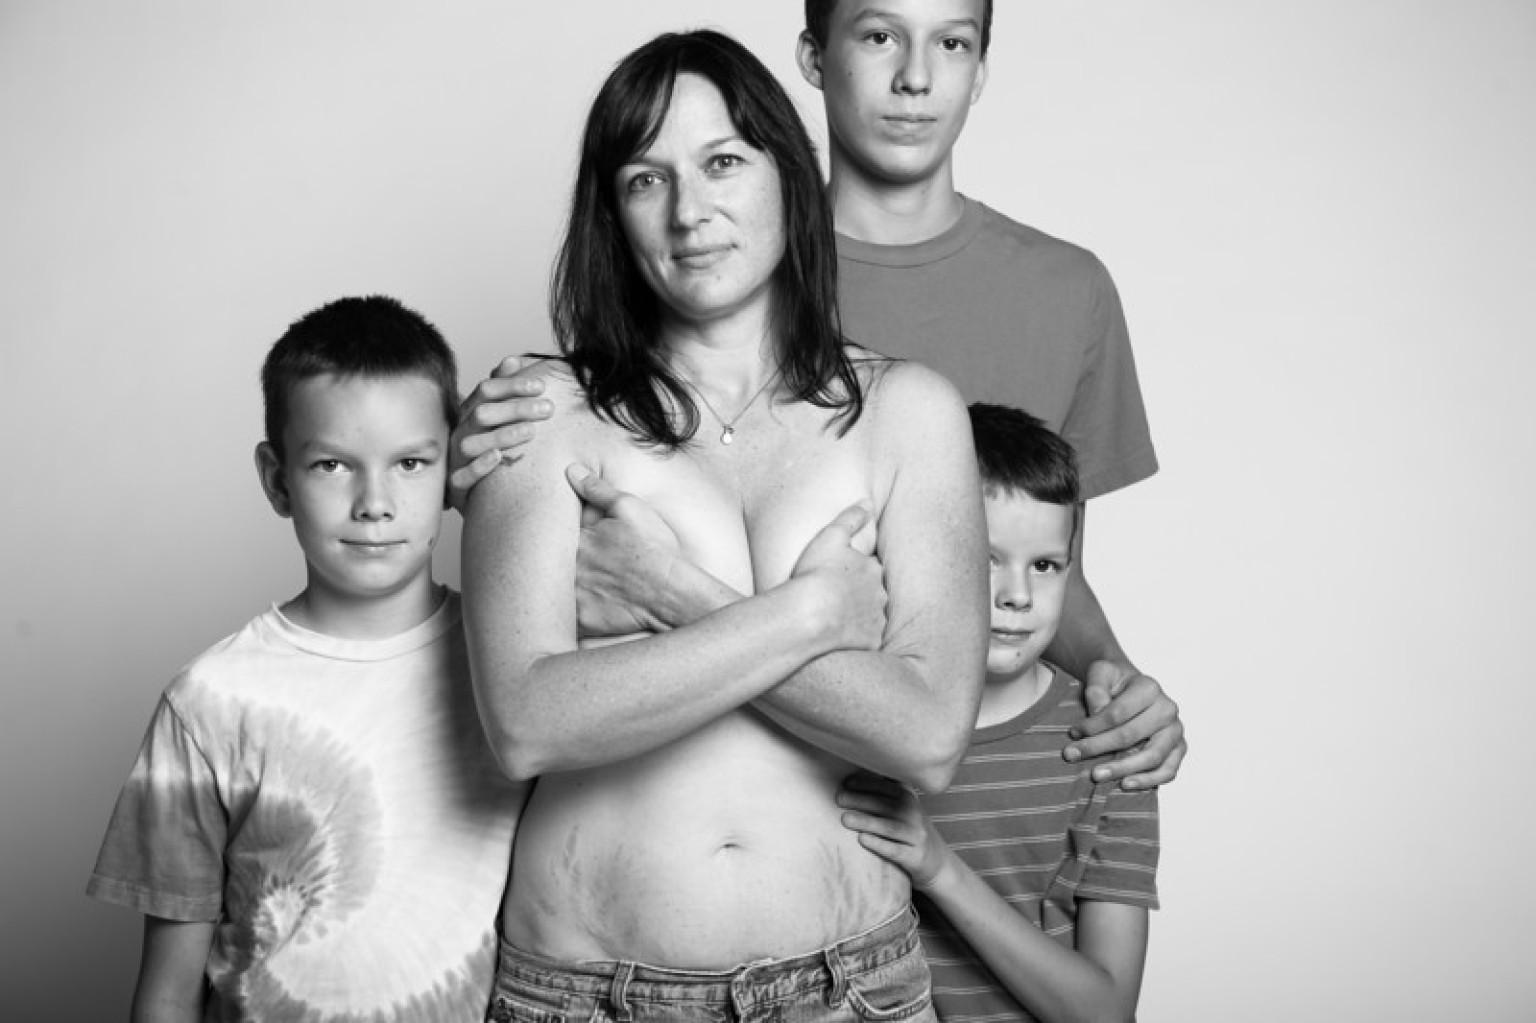 Расказ мамы и сына 7 фотография